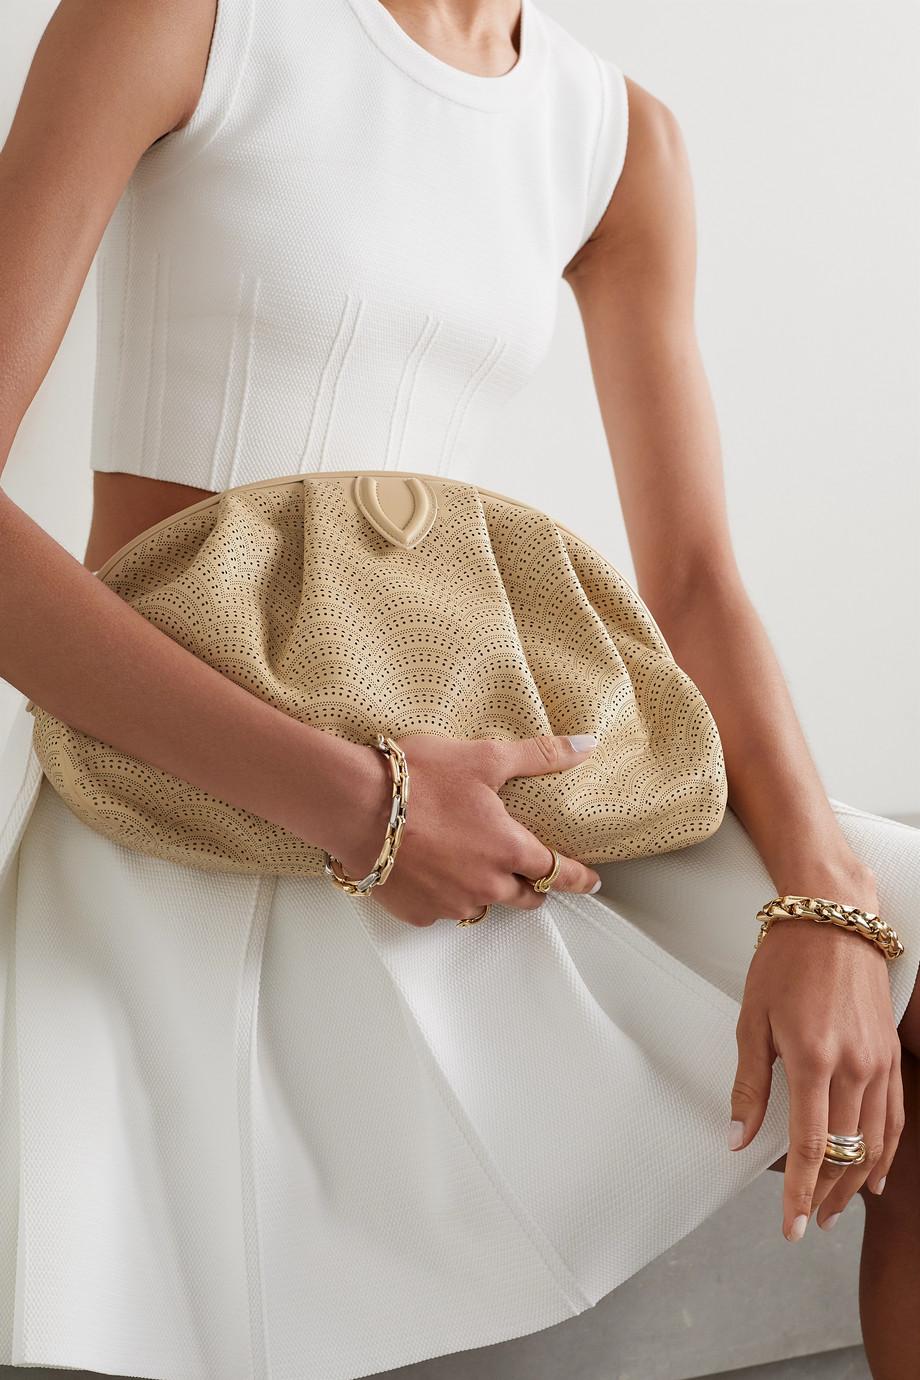 Alaïa Samia laser-cut leather clutch